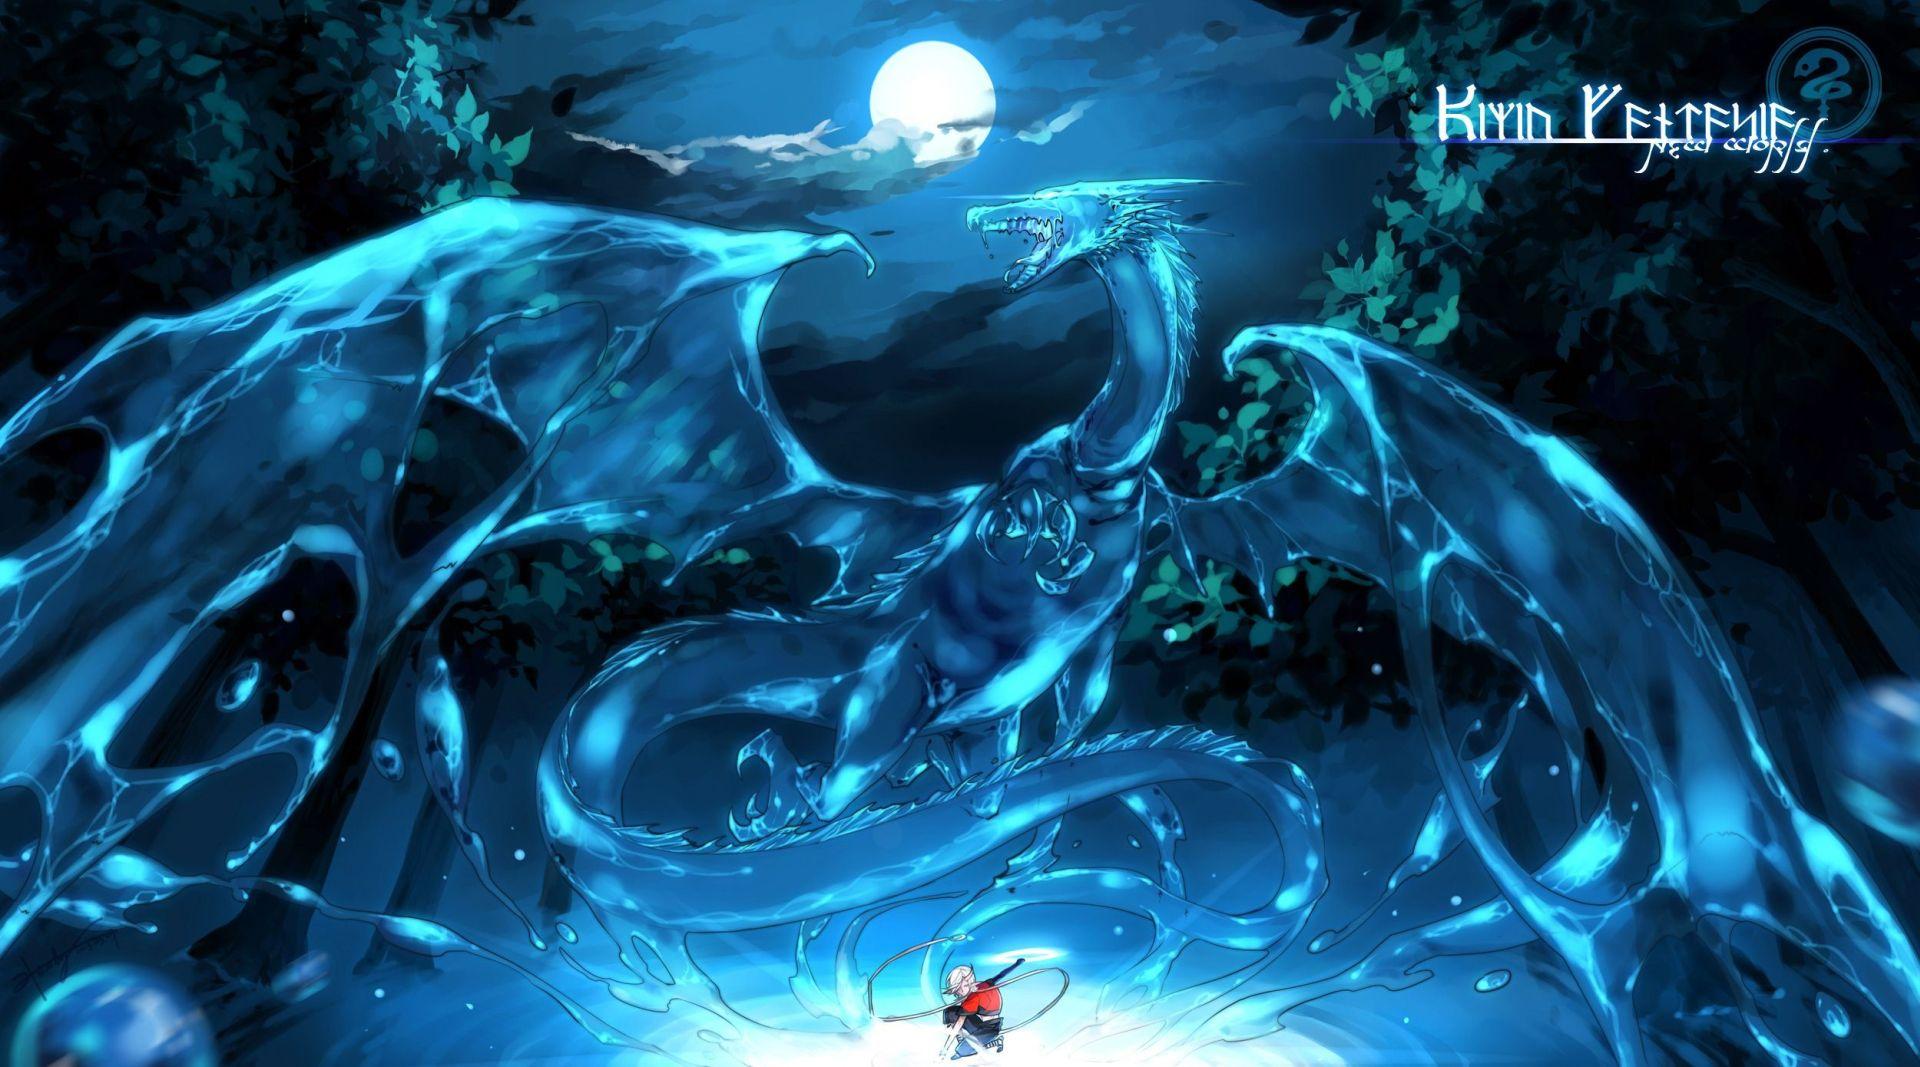 dragon picture hd